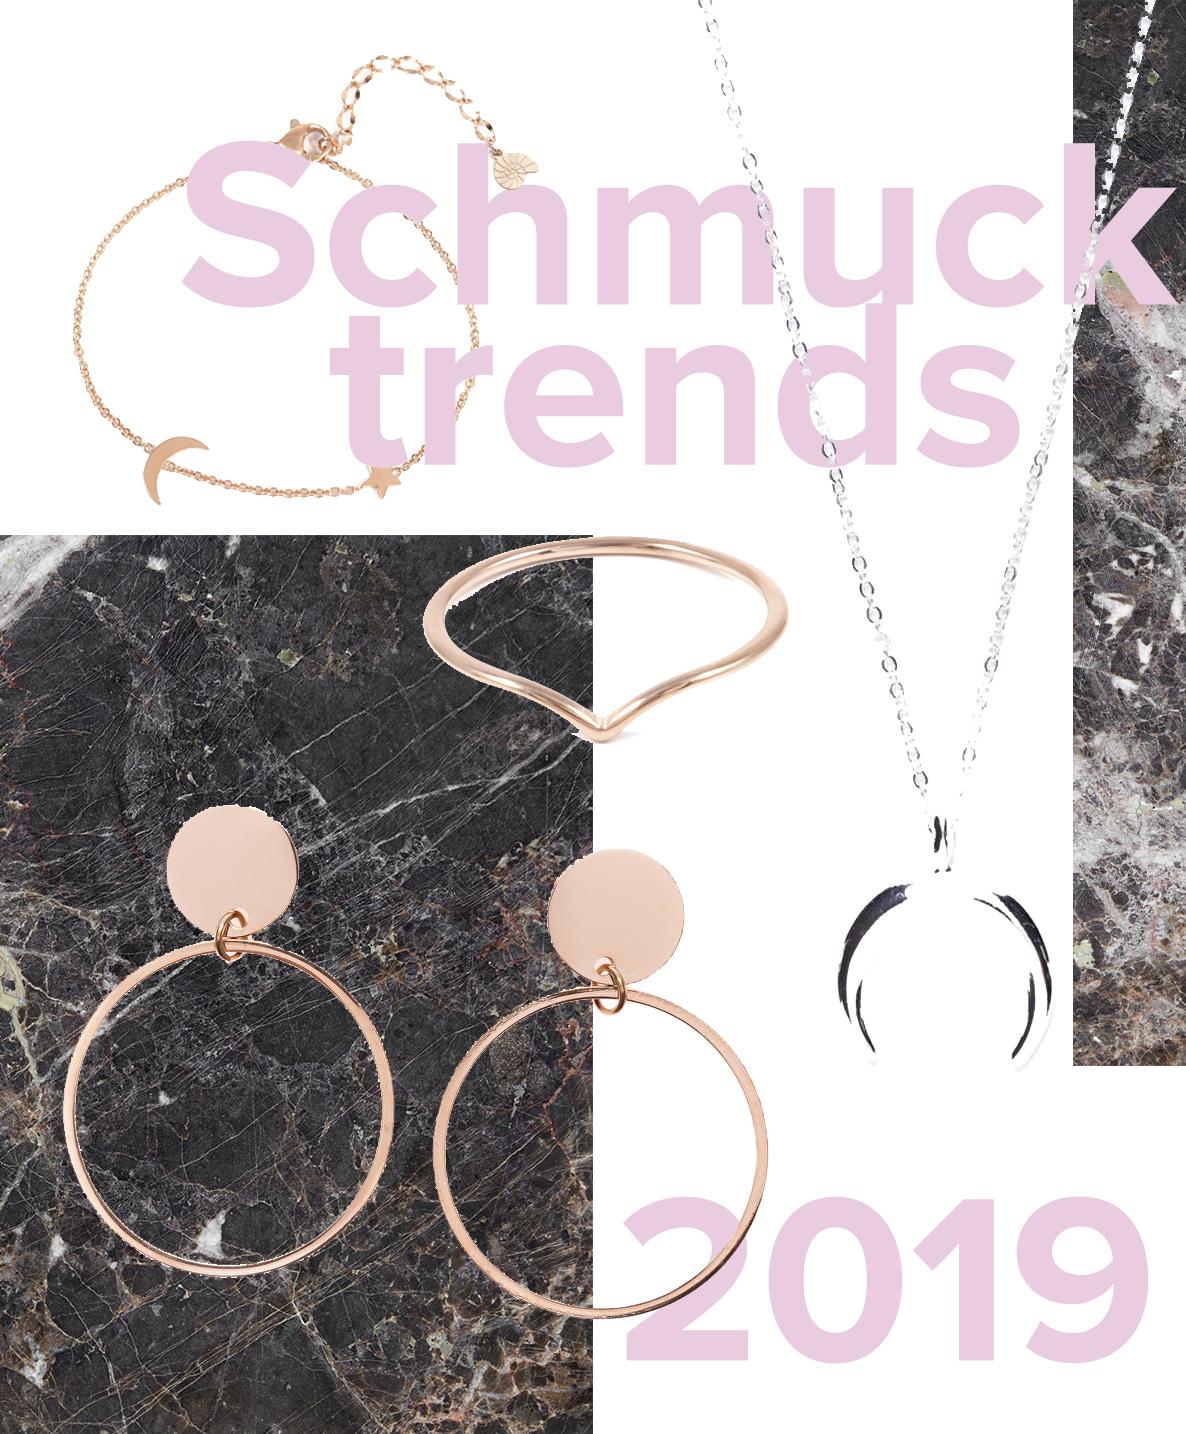 Schmucktrends 2019 // Accessoires für jeden Typ & 10% Rabatt bei Happiness Boutique